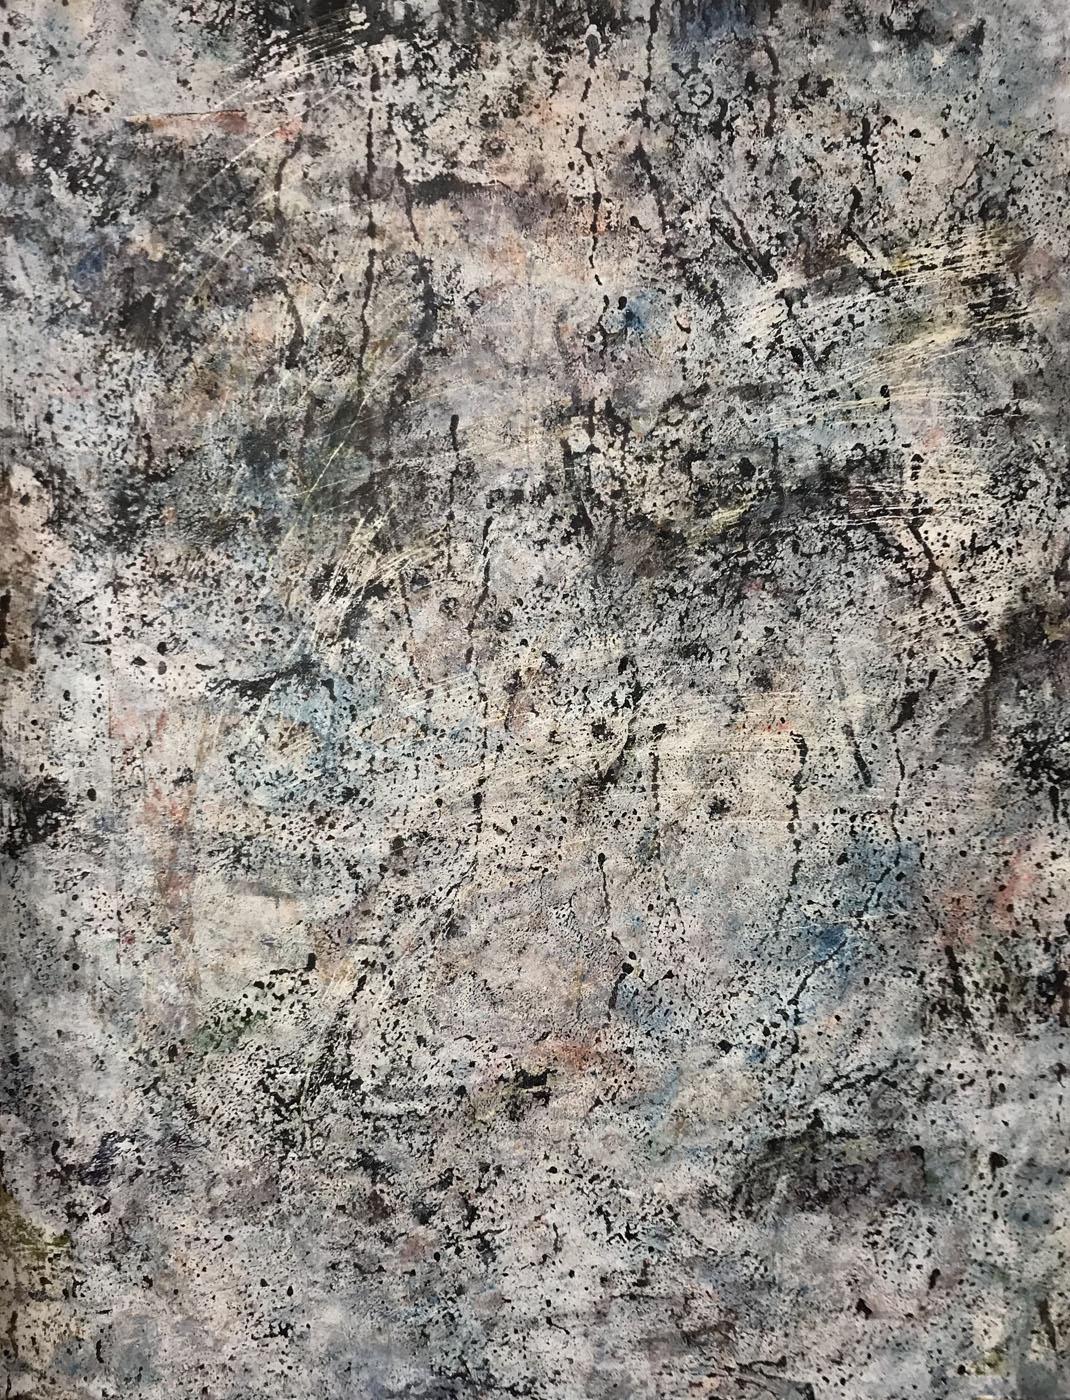 MARC FELD 2020 SUINTEMENTS Huile, acrylique et gouache sur papier 50 x 65 cm